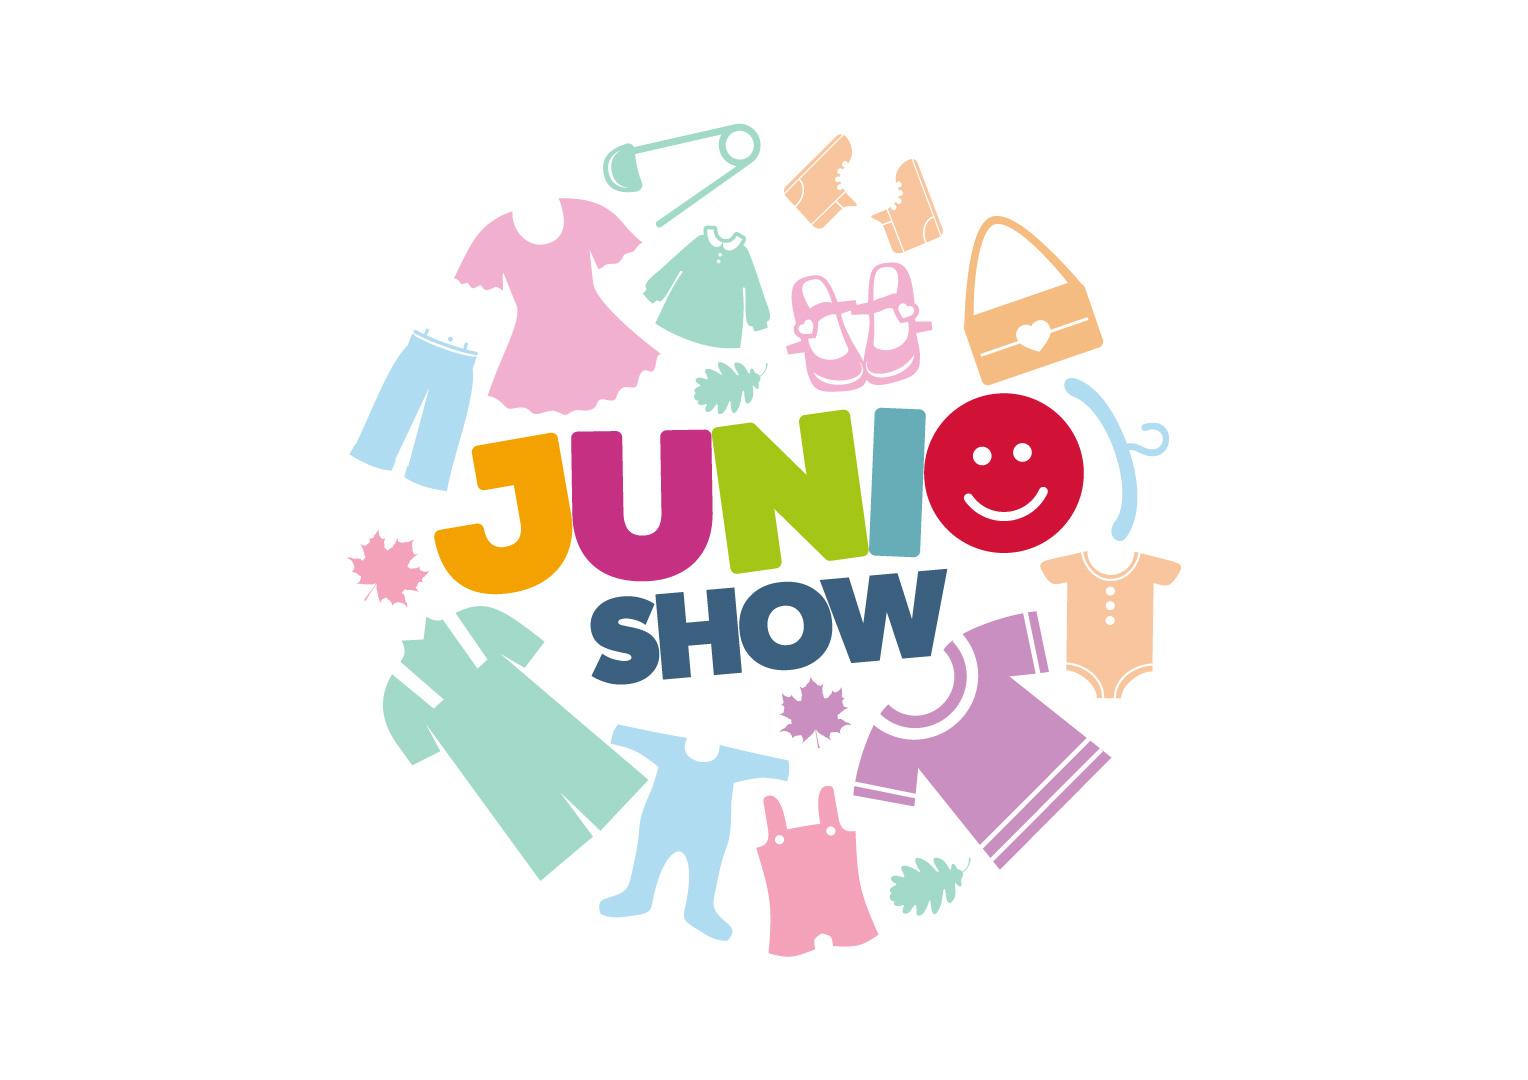 JUNIOSHOW Bursa Uluslararası Bebe Çocuk Hazır Giyim ve Çocuk İhtiyaçları Fuarı